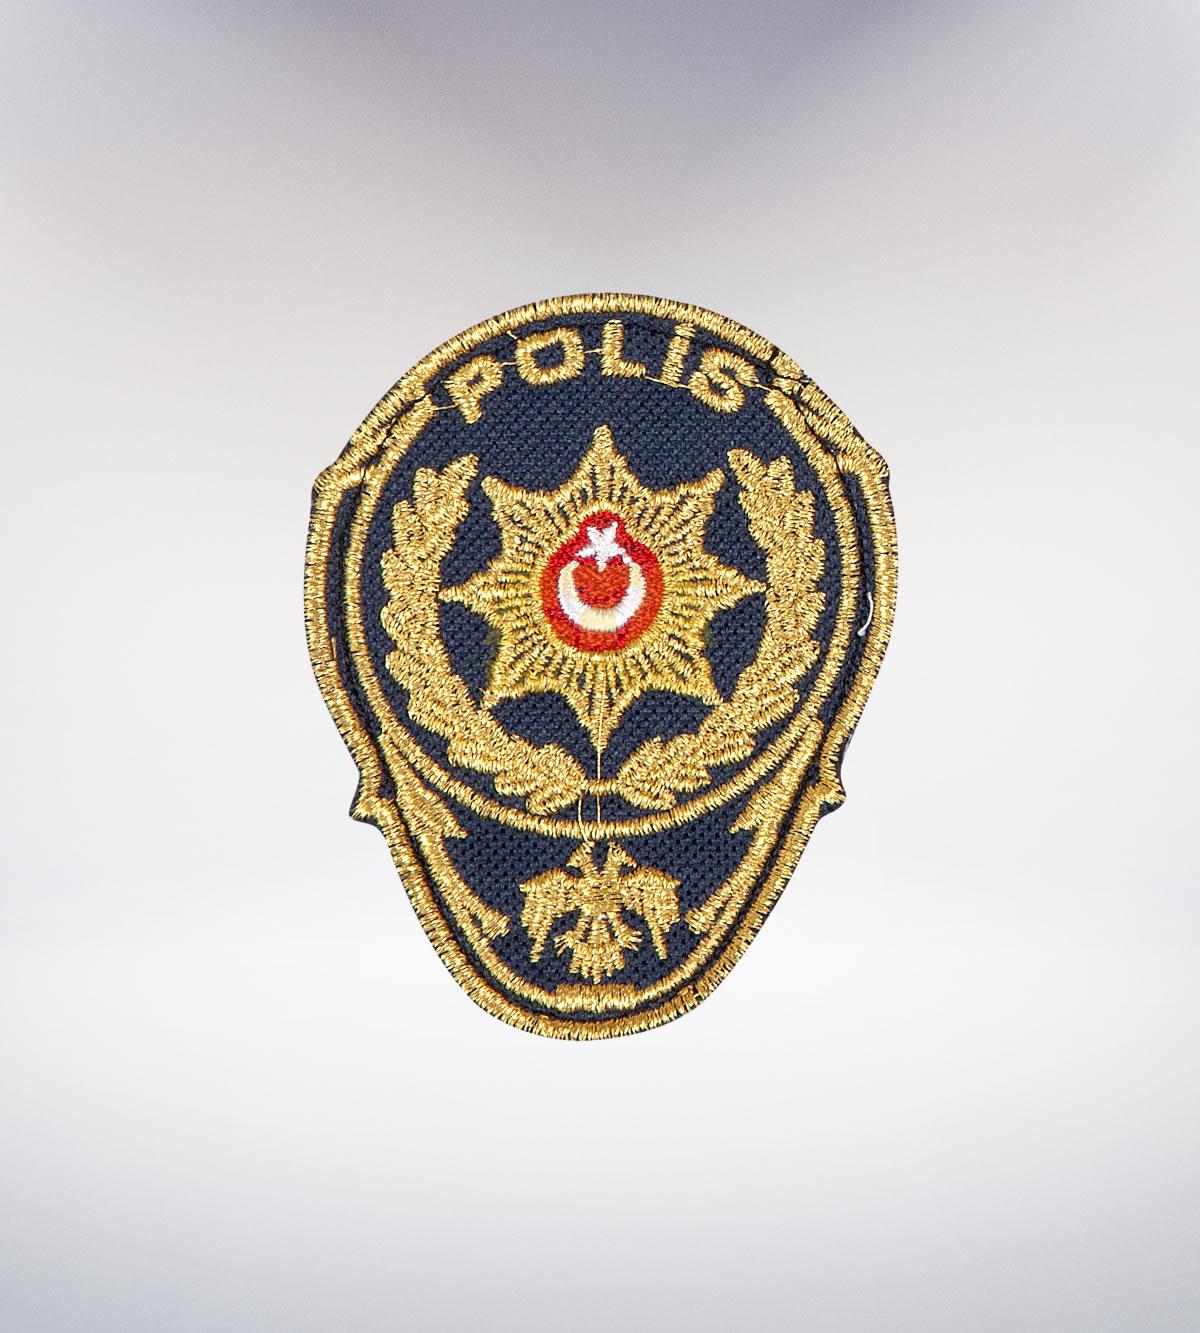 ATA-1038 Polis nakışlı arma - polis elbiseleri | polis üniformaları | polis kıyafetleri